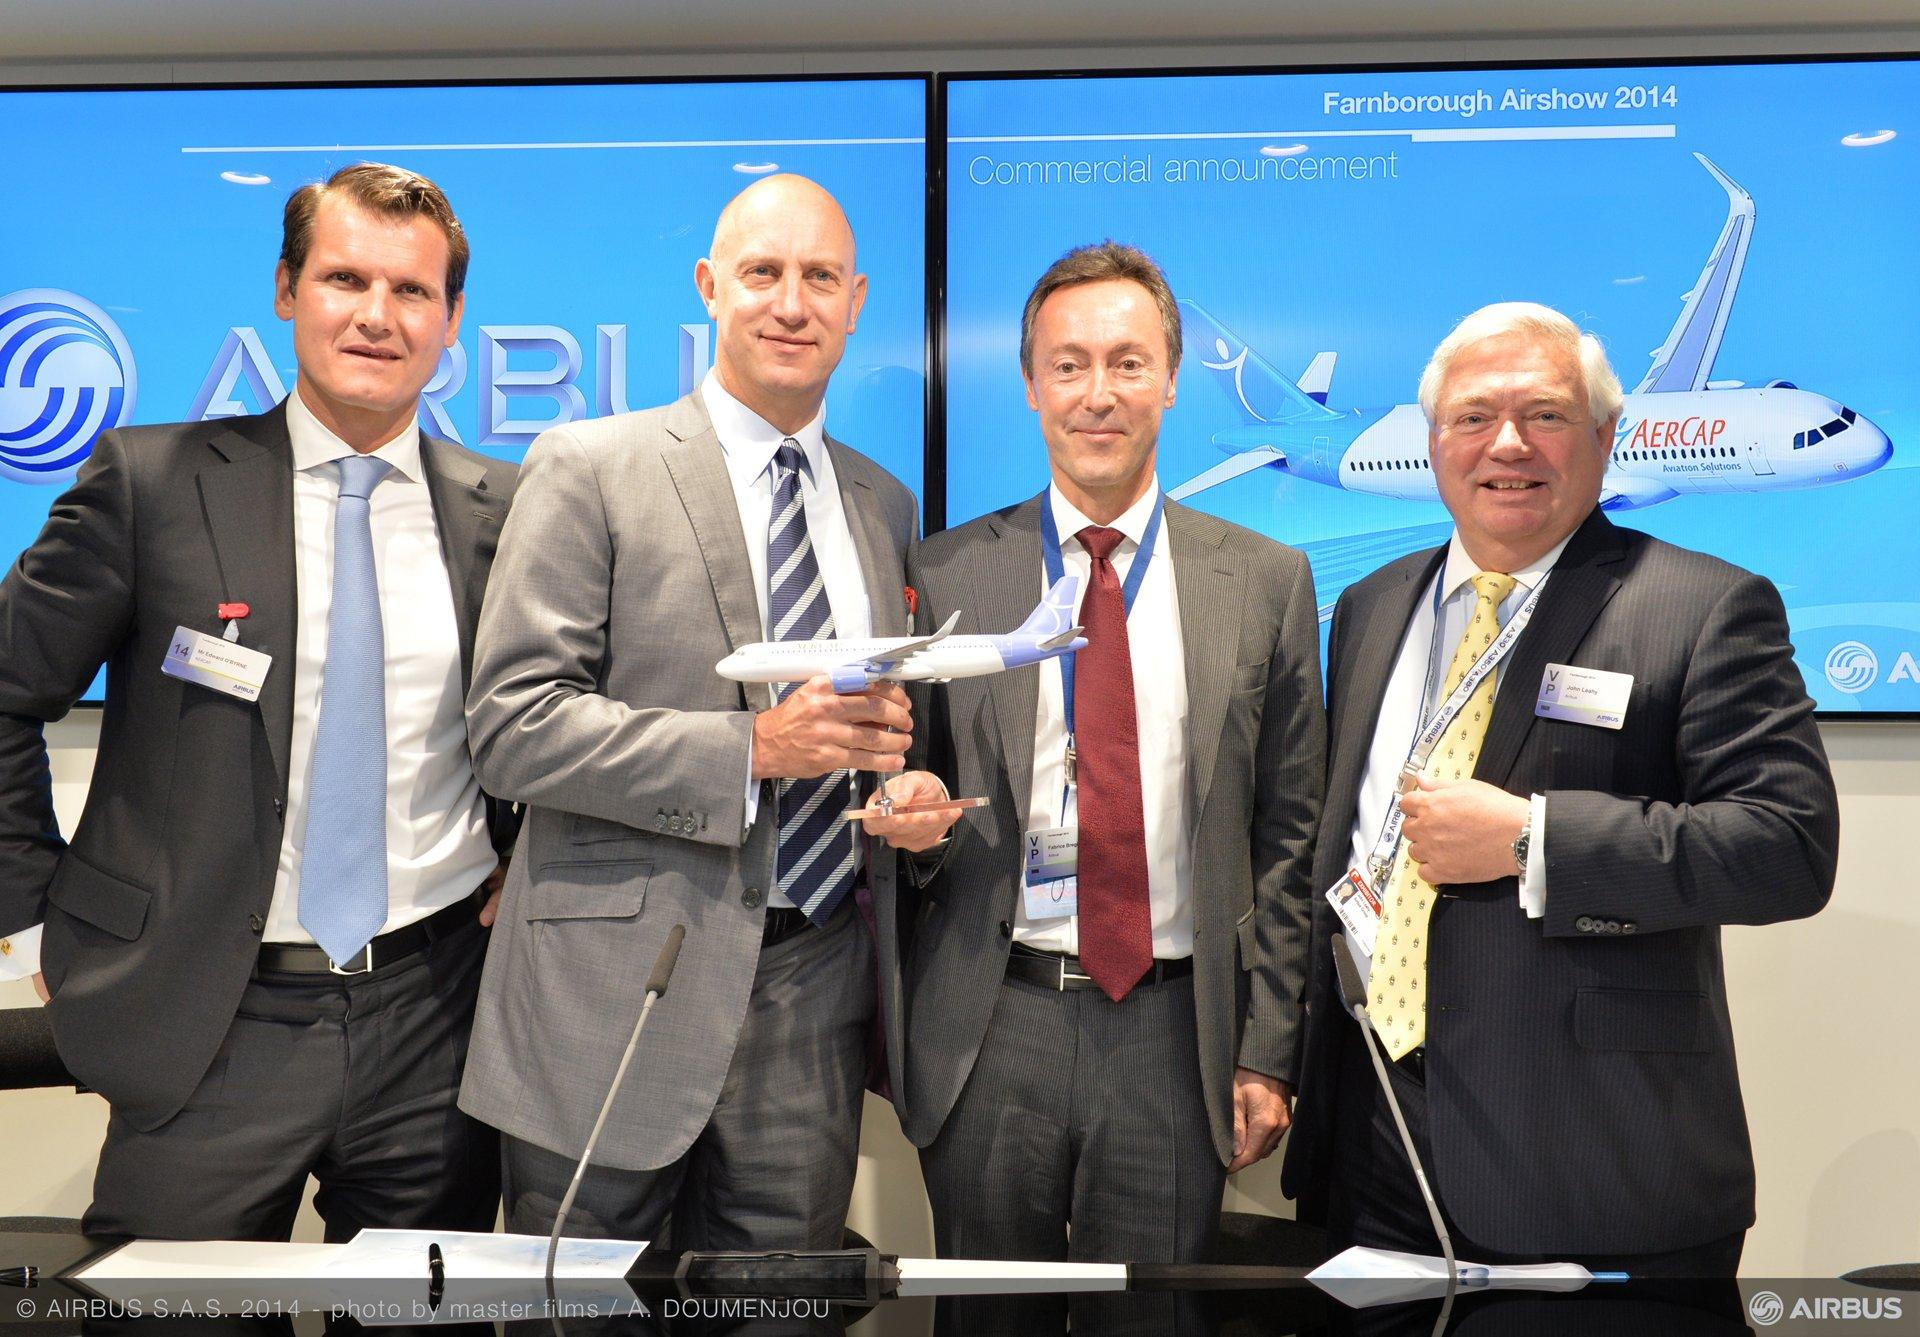 Farnborough 2014 – AerCap A320neo order 3